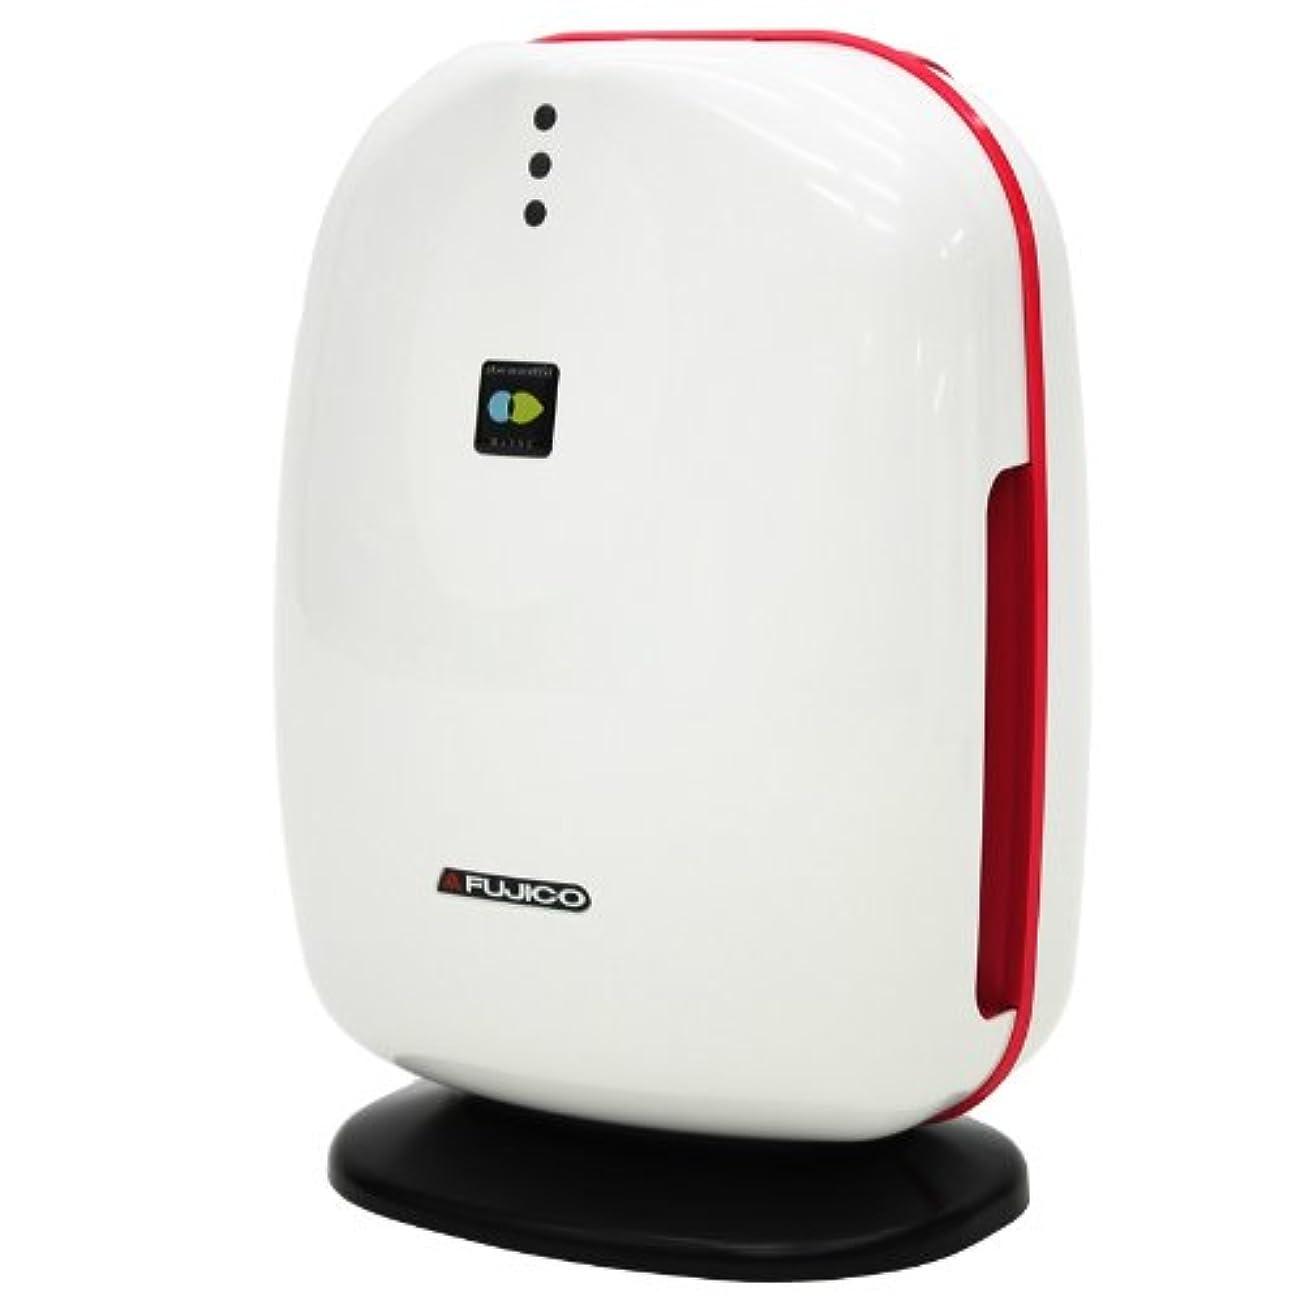 急ぐユーザー障害者空気消臭除菌装置マスククリーンMC-V2 ピンク